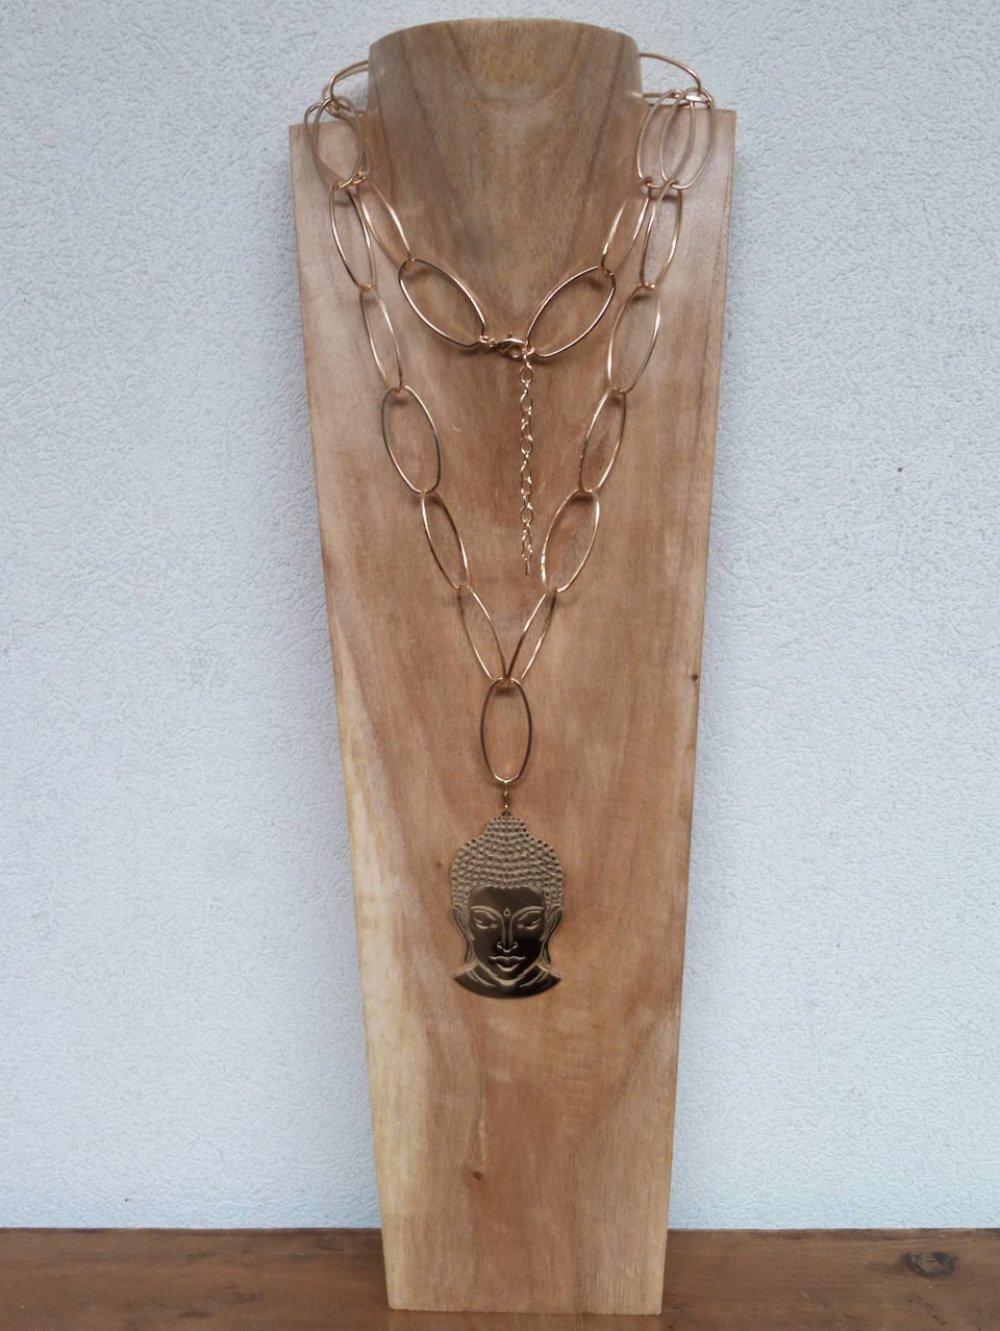 Sautoir - doré à l'or fin - chaîne gros maillons ovales - pendentif visage de Bouddha - acier chirurgical inoxydable 316L - Bahia Del Sol